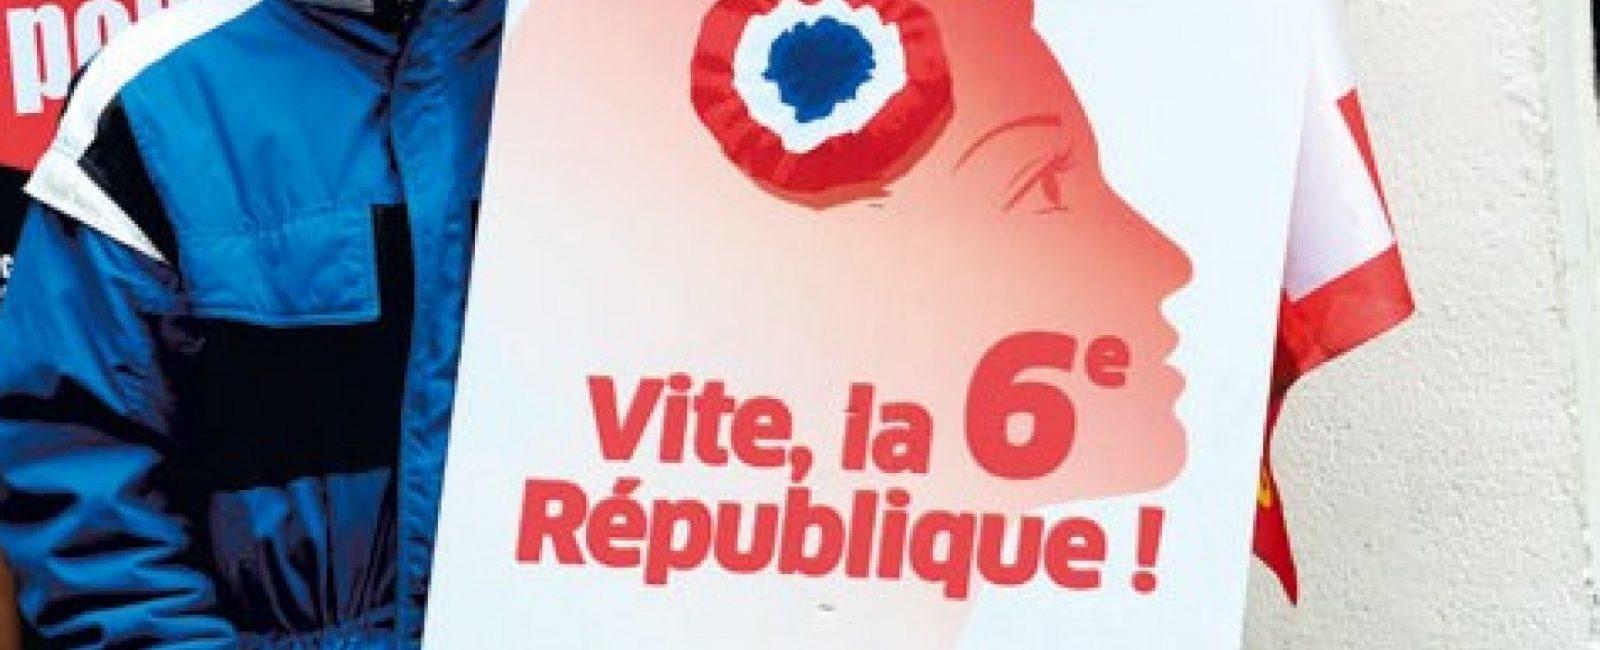 6eRepublique